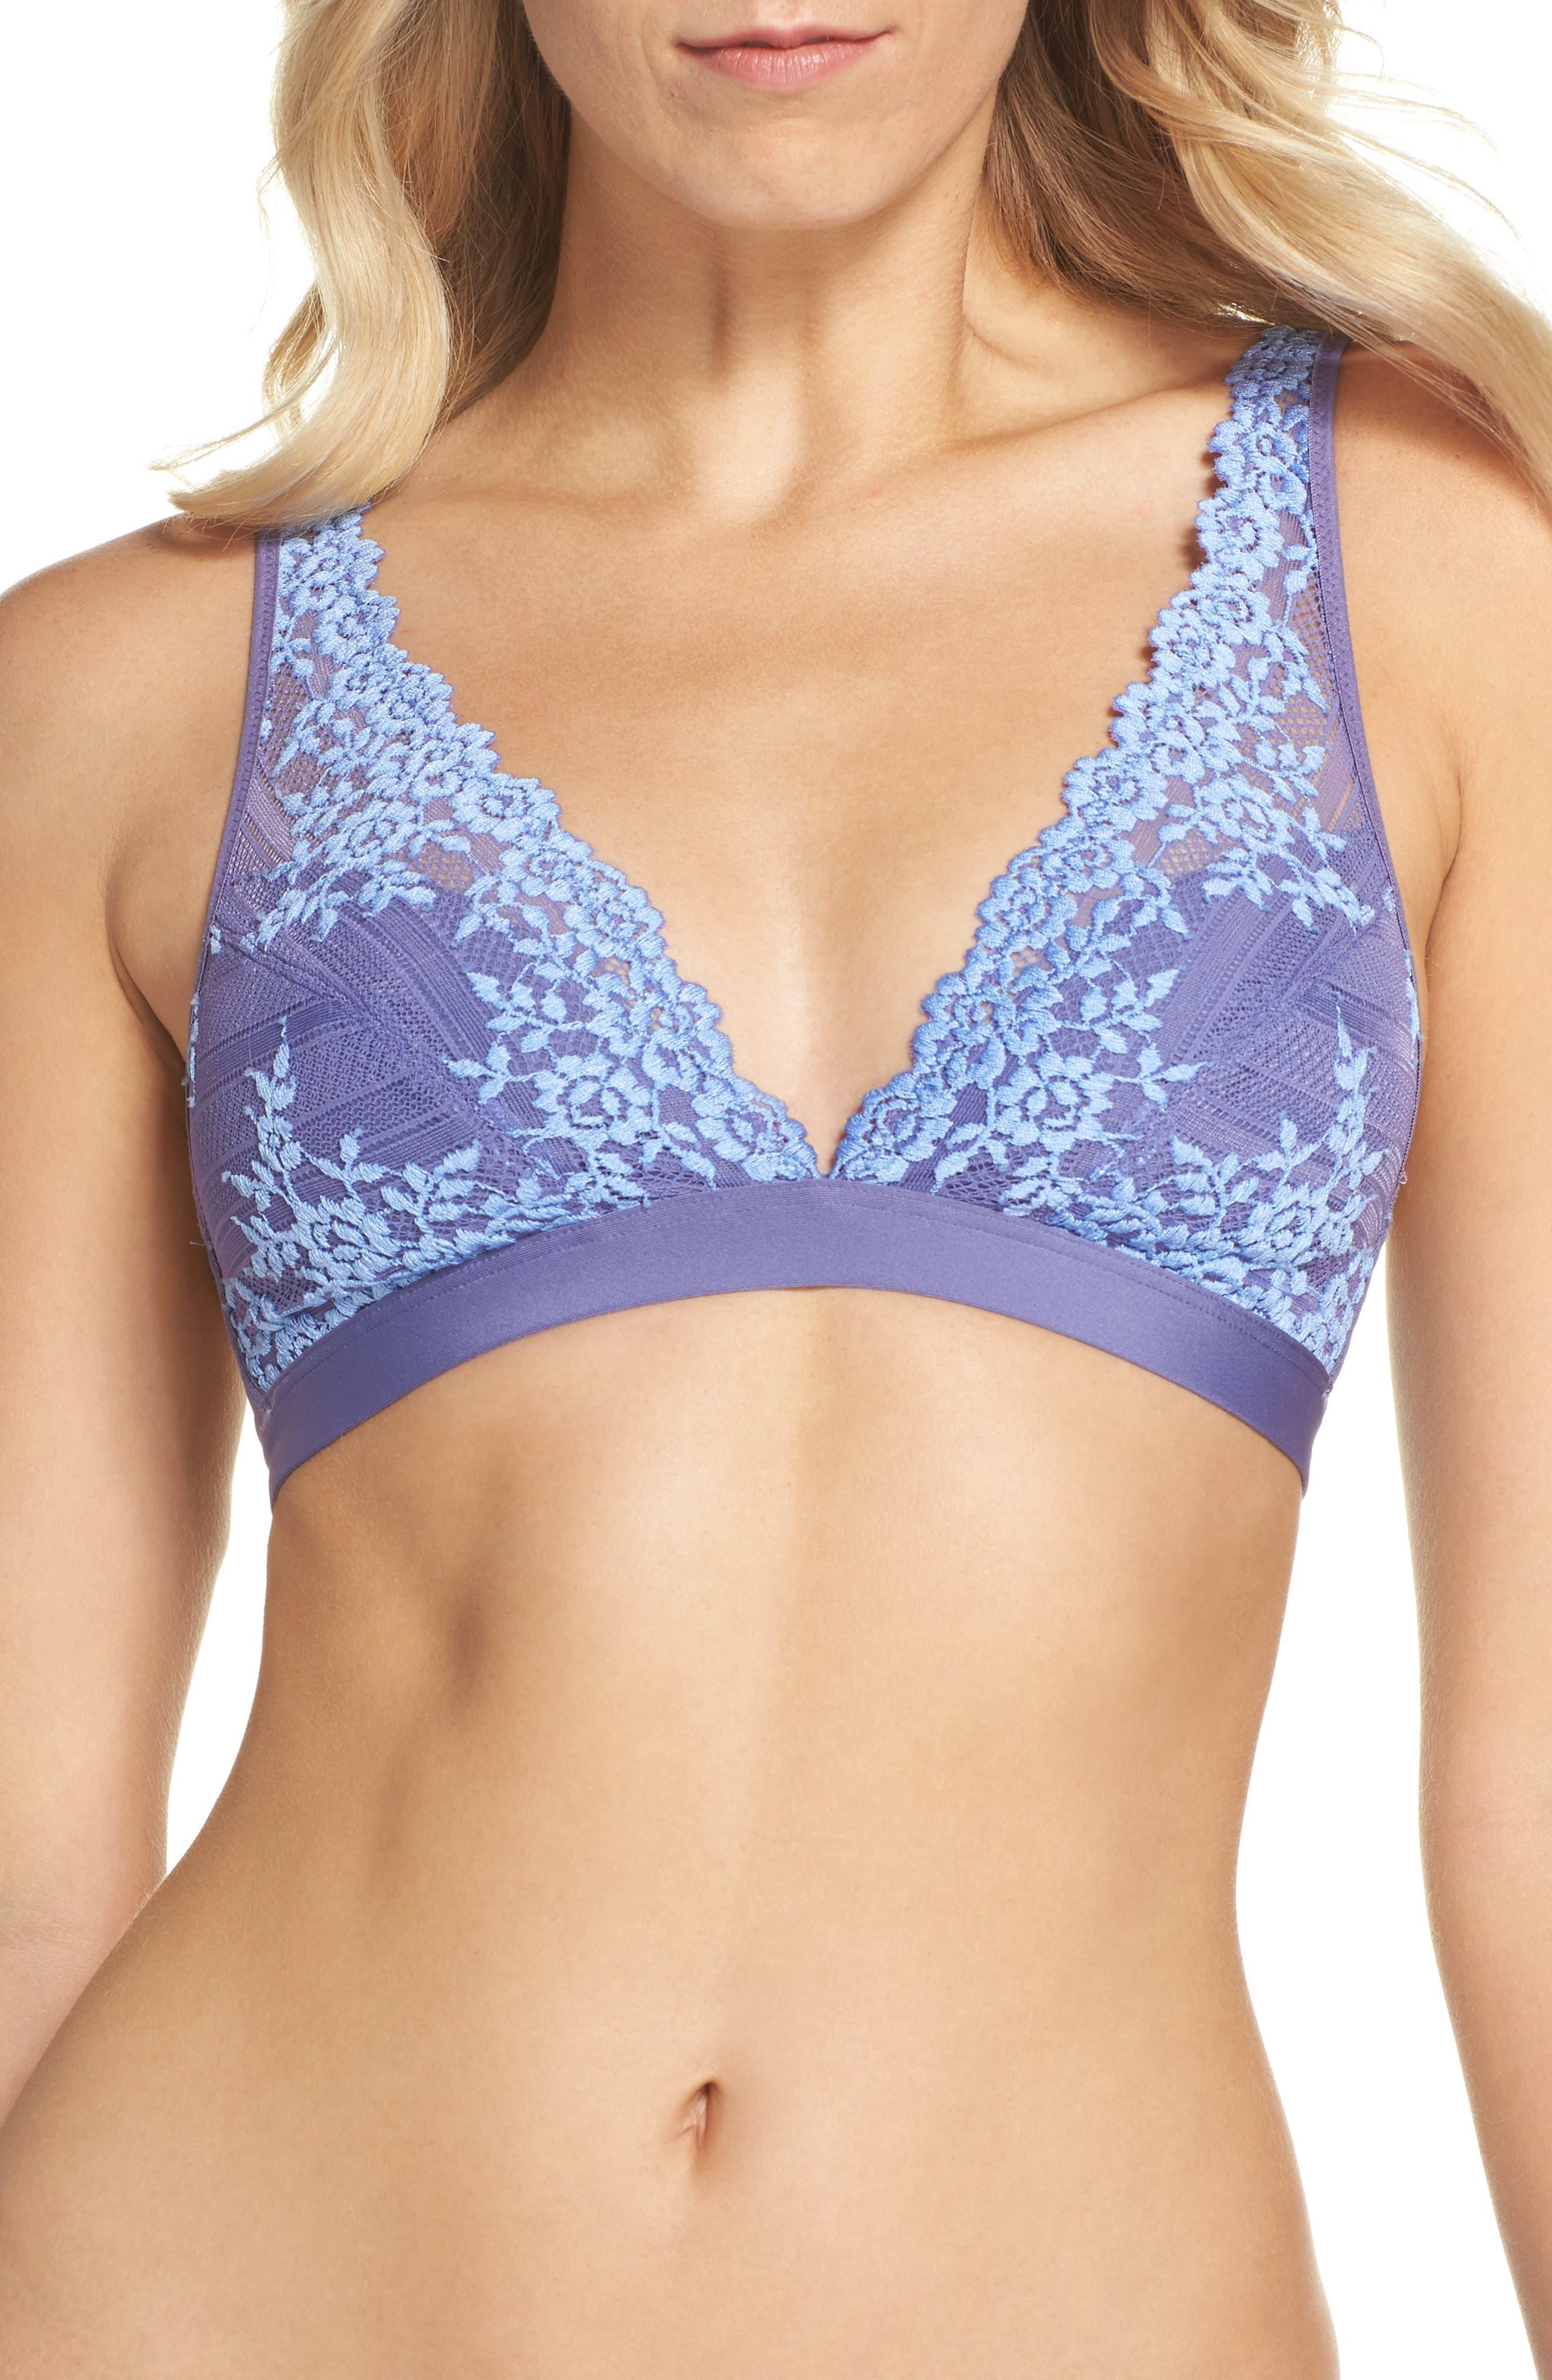 'Embrace Lace' Deep-V Bralette,                             Main thumbnail 1, color,                             Twilight Purple/ Hydrangea